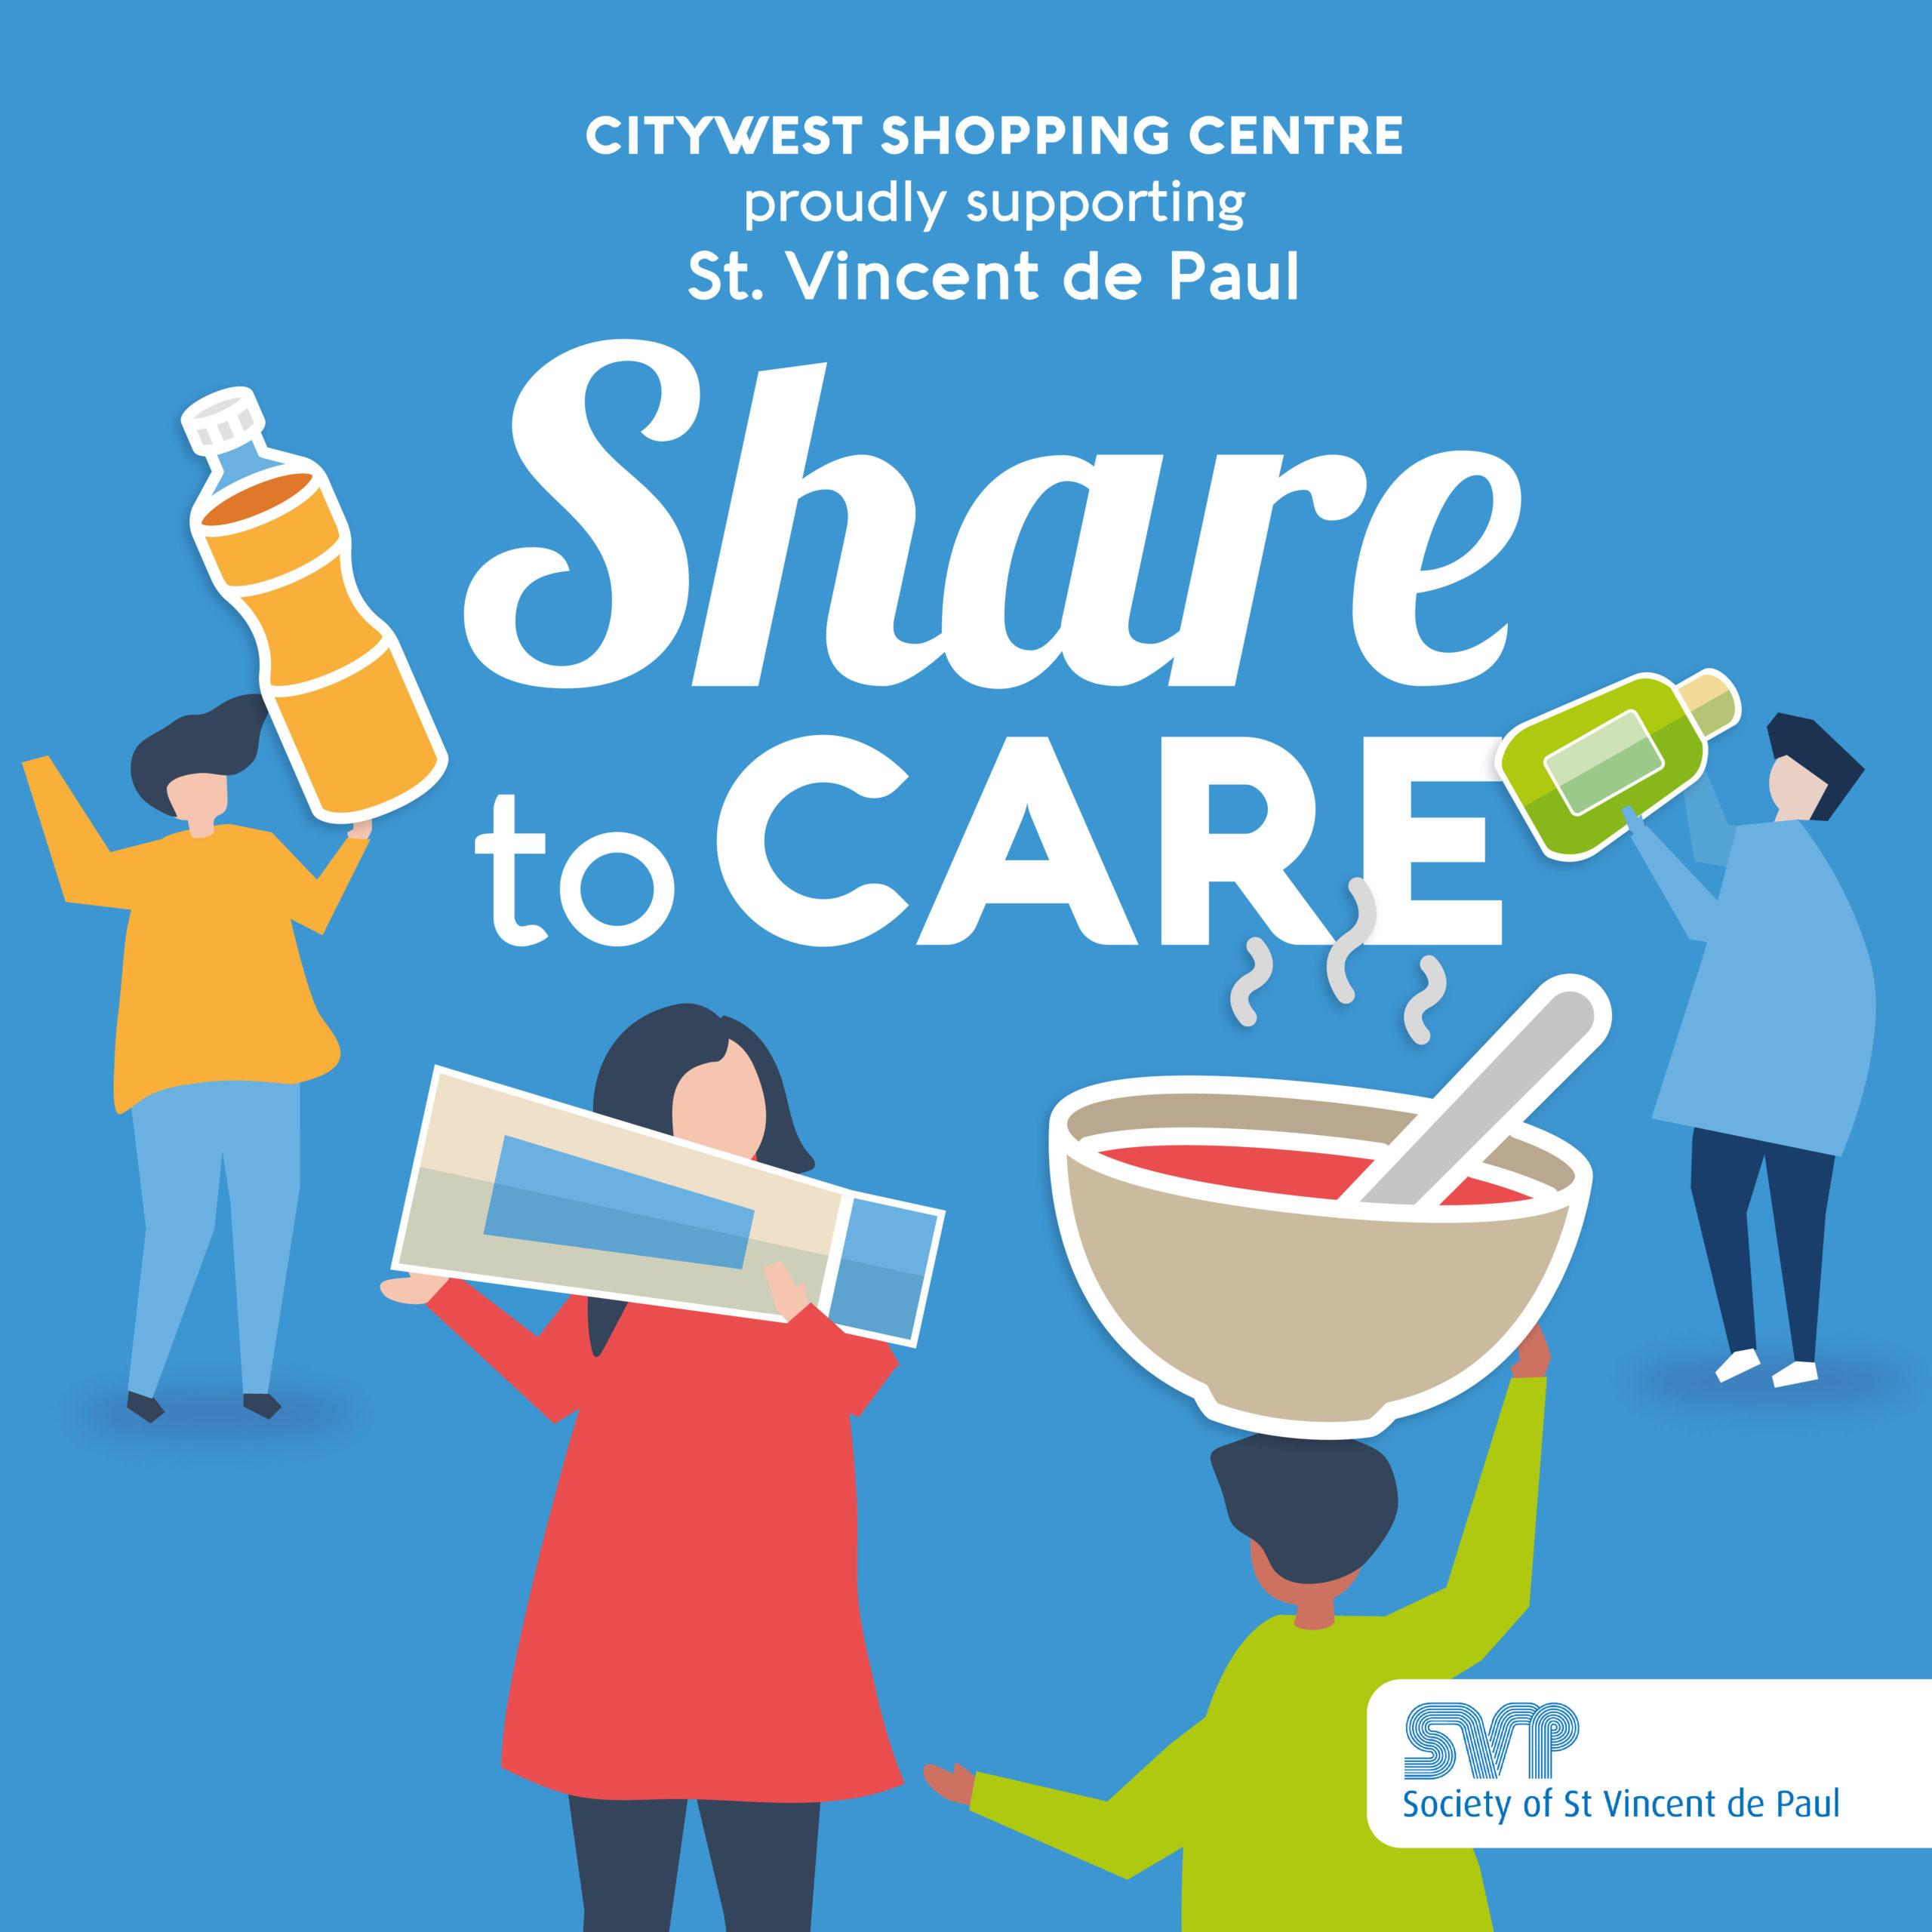 St. Vincent de Paul Donations at Citywest Shopping Centre